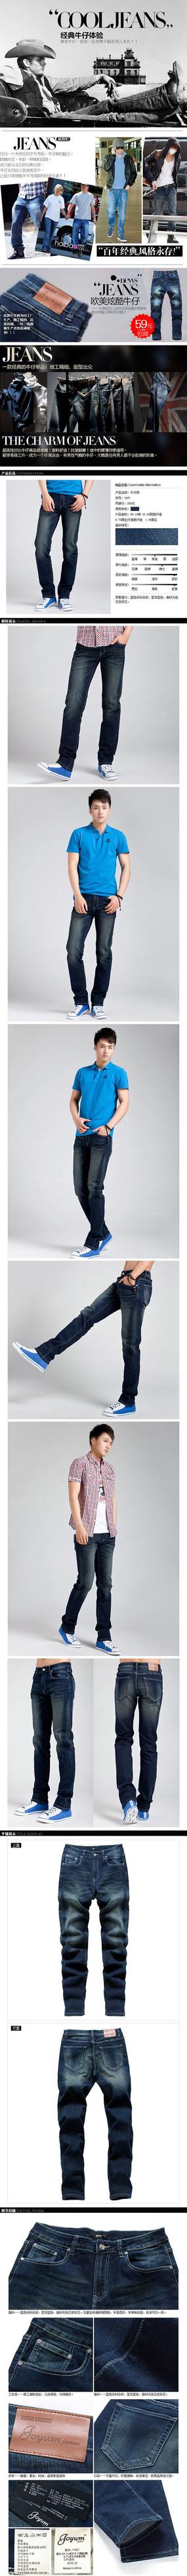 淘宝男装牛仔短裤详情页PSD设计模板